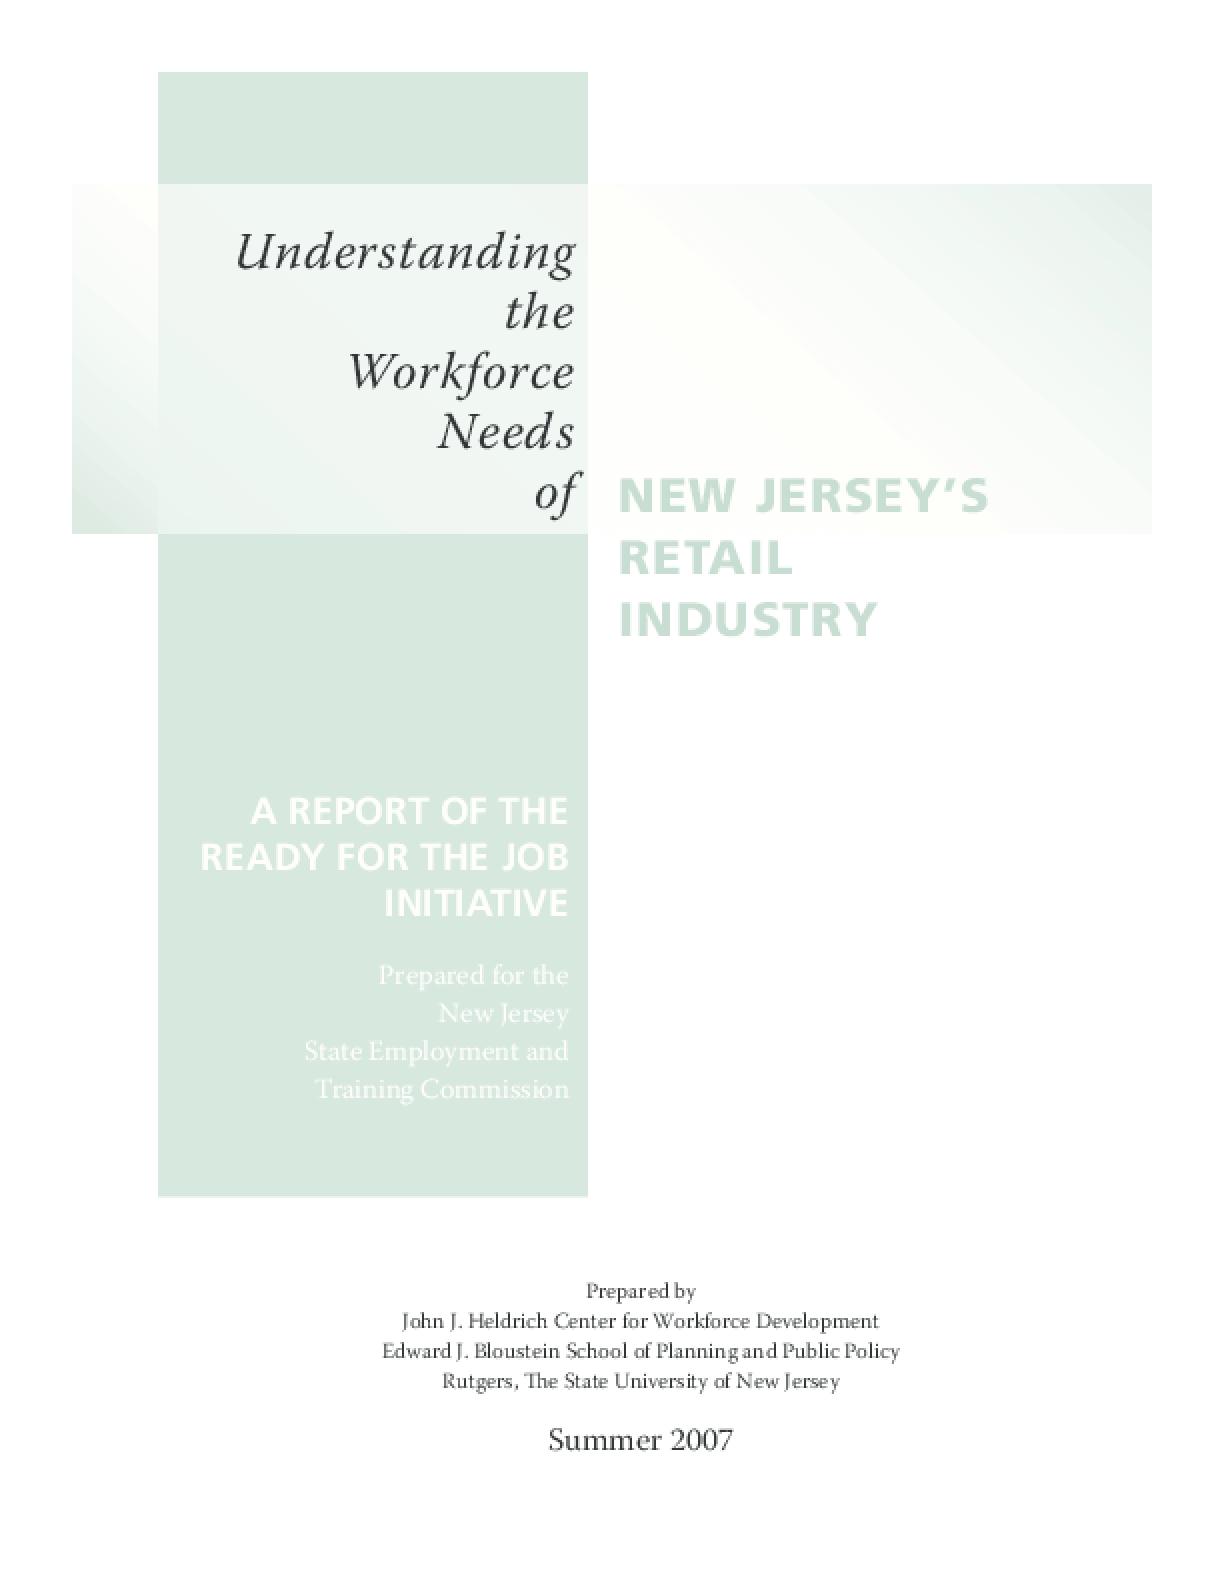 Understanding the Workforce Needs of New Jersey's Retail Industry